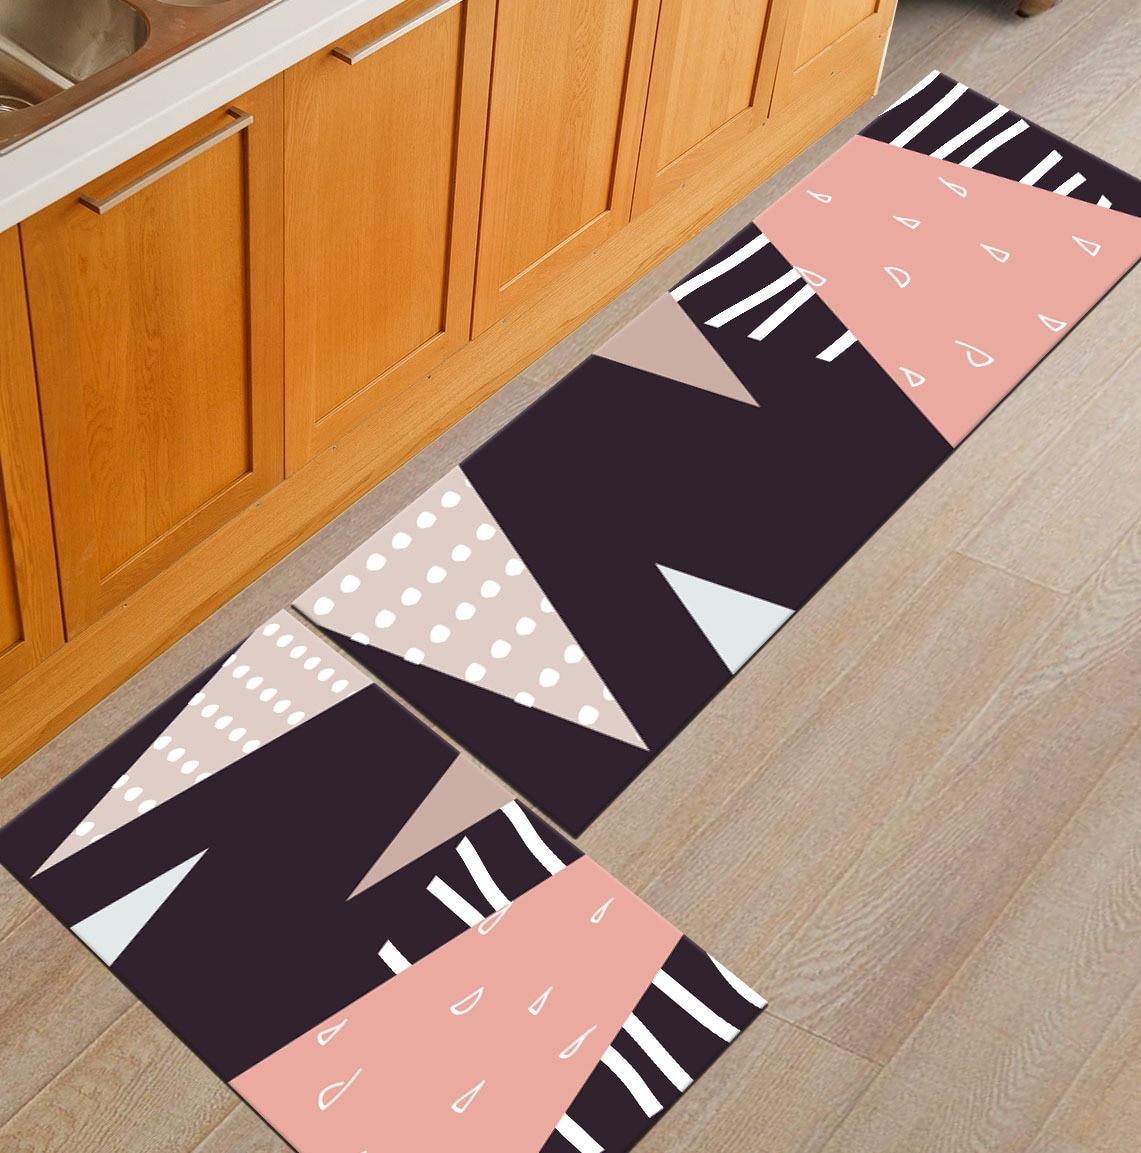 Современный геометрический Коврик для кухни, Противоскользящий коврик для ванной комнаты, домашний Коврик для прихожей/прихожей, коврик для шкафа/балкона, креативный ковер - Цвет: 13